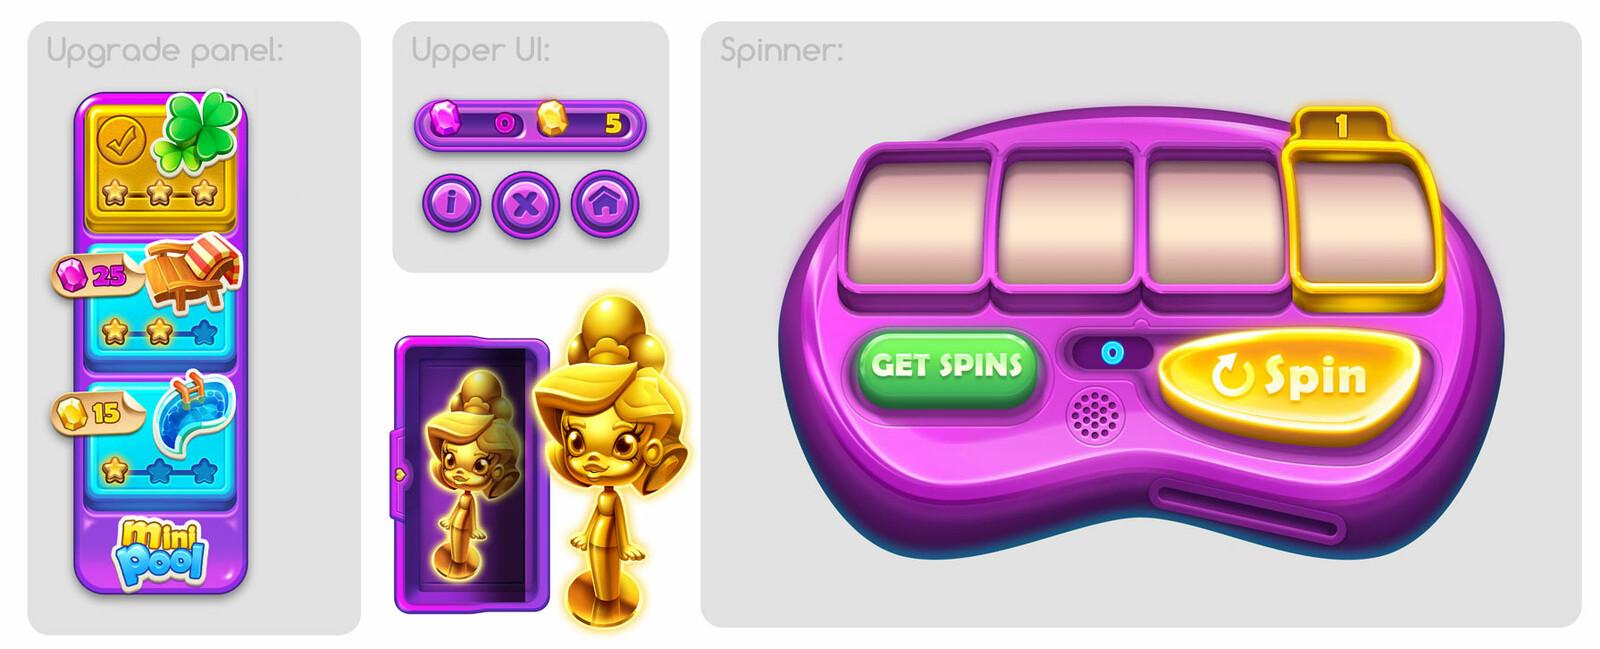 Upgrade menu & spinner